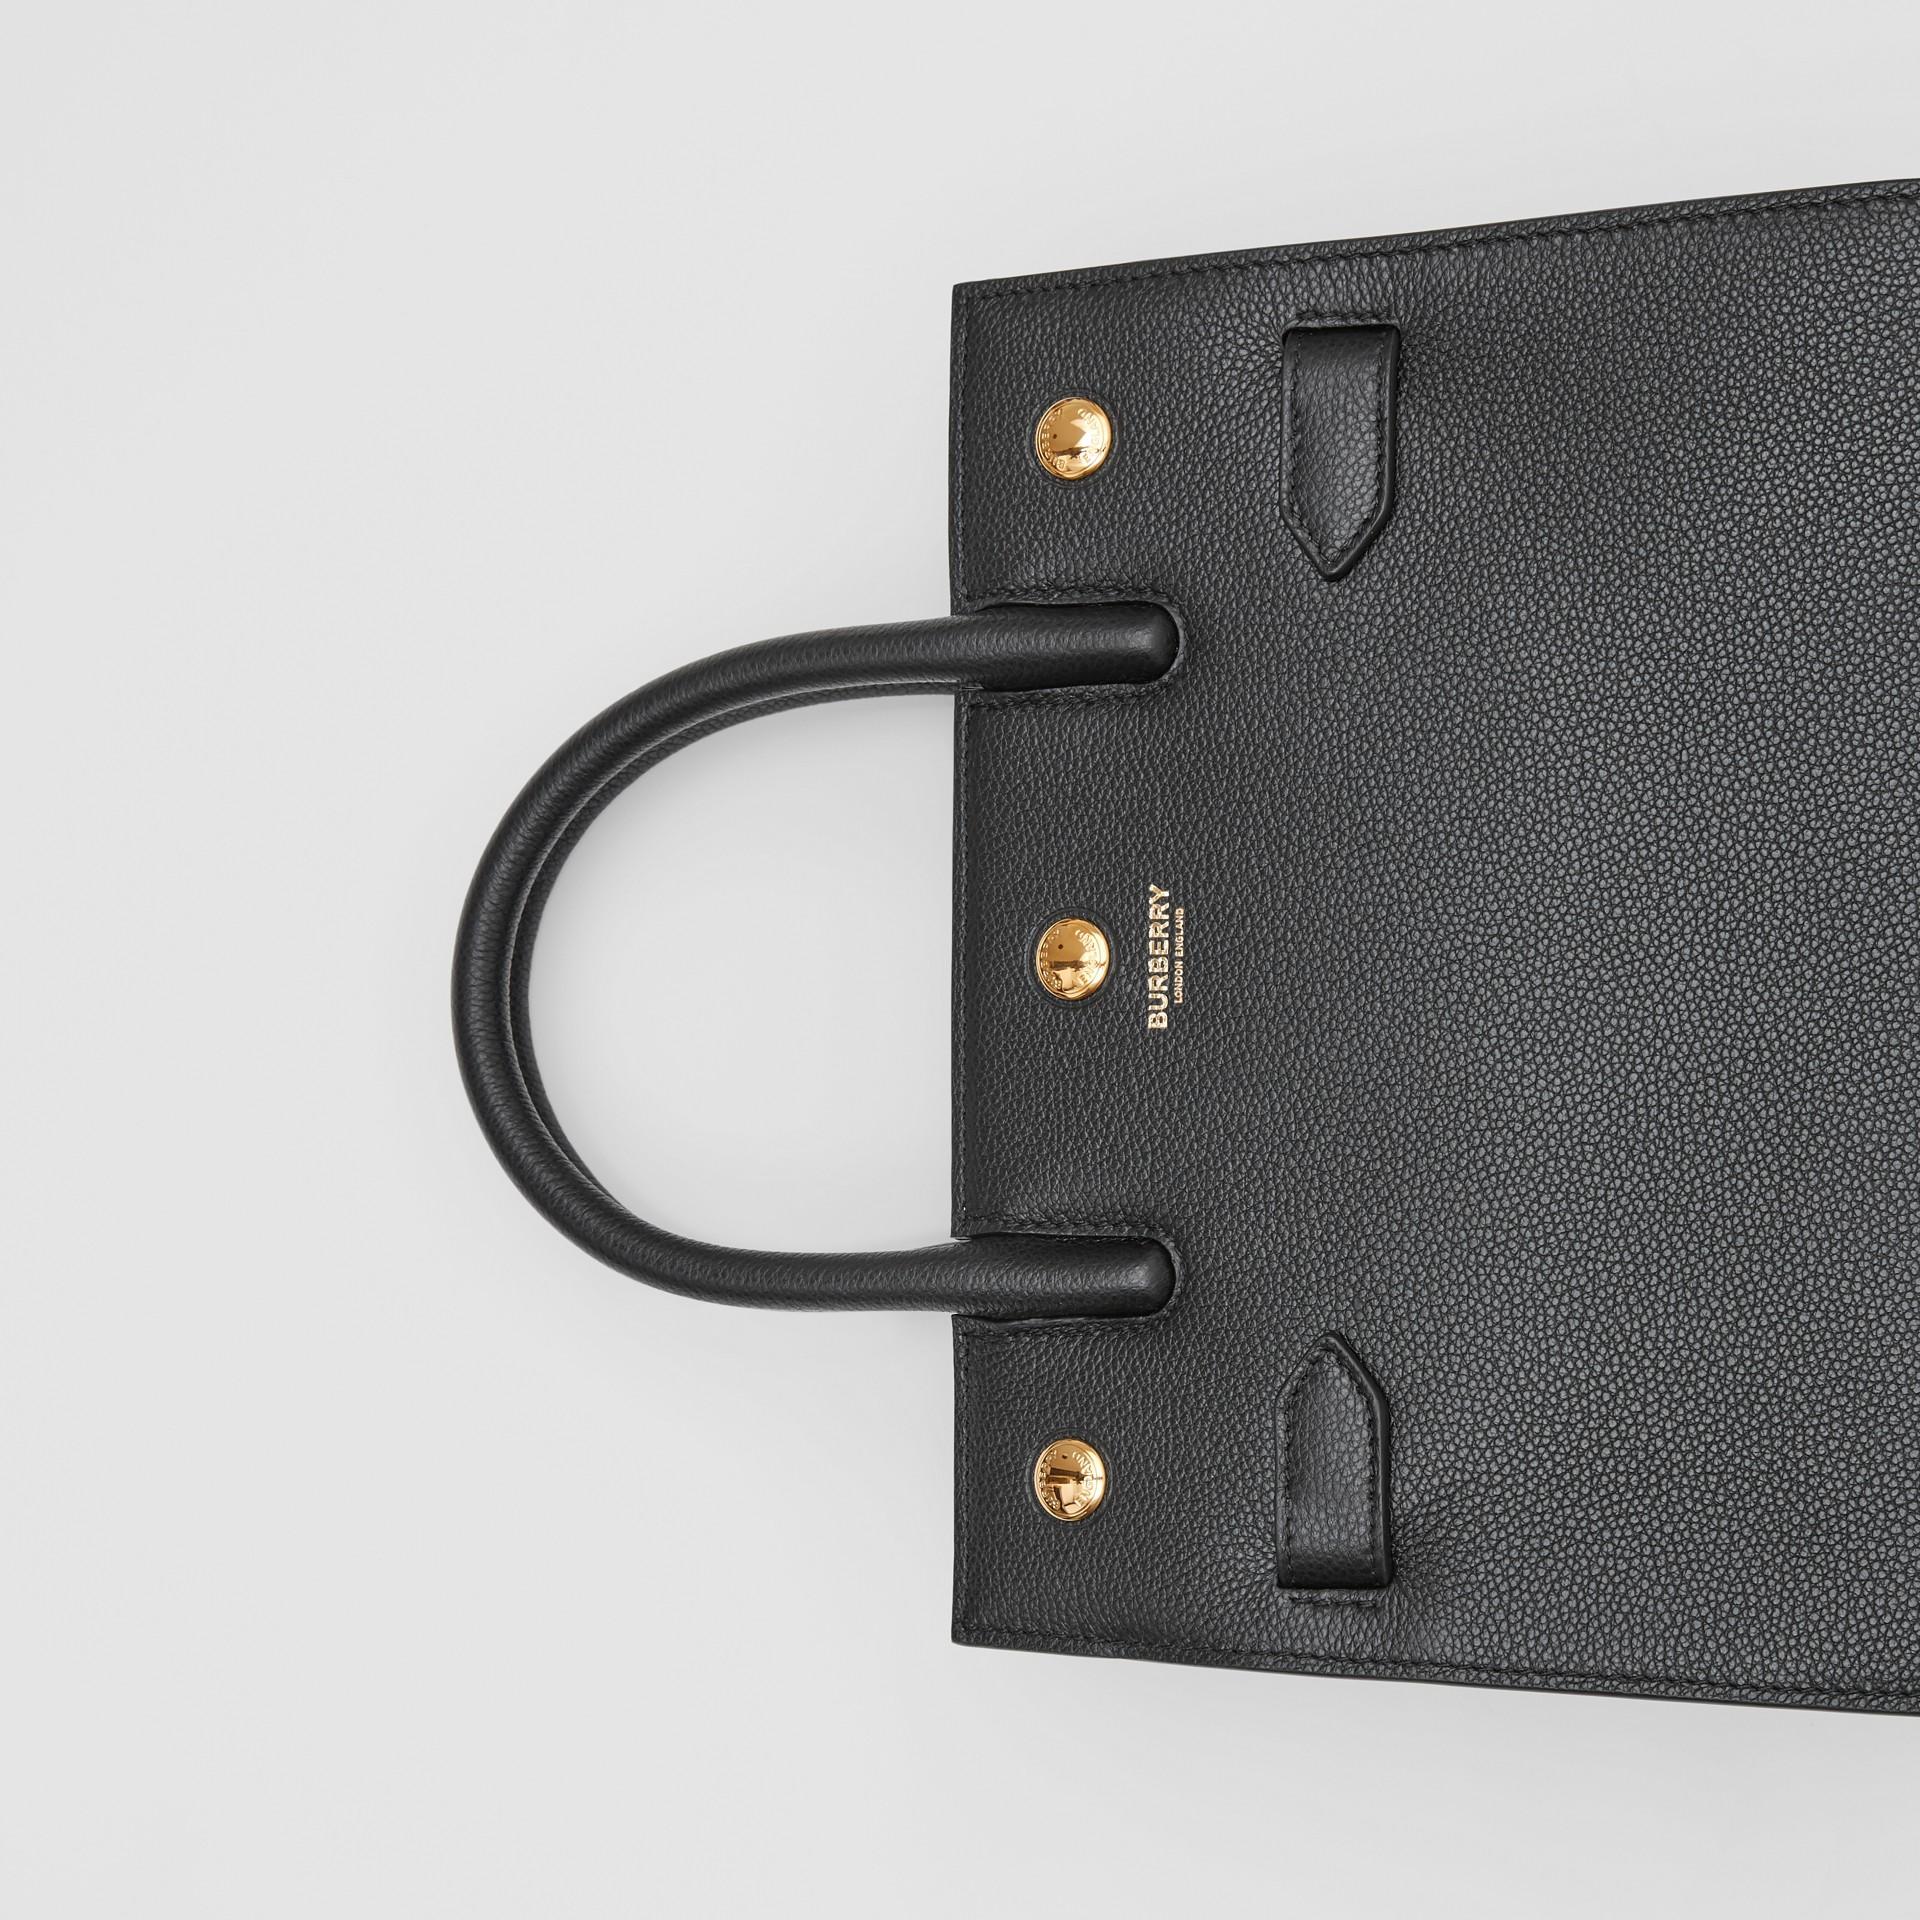 ミニ レザー ツーハンドル タイトルバッグ (ブラック) - ウィメンズ | バーバリー - ギャラリーイメージ 1